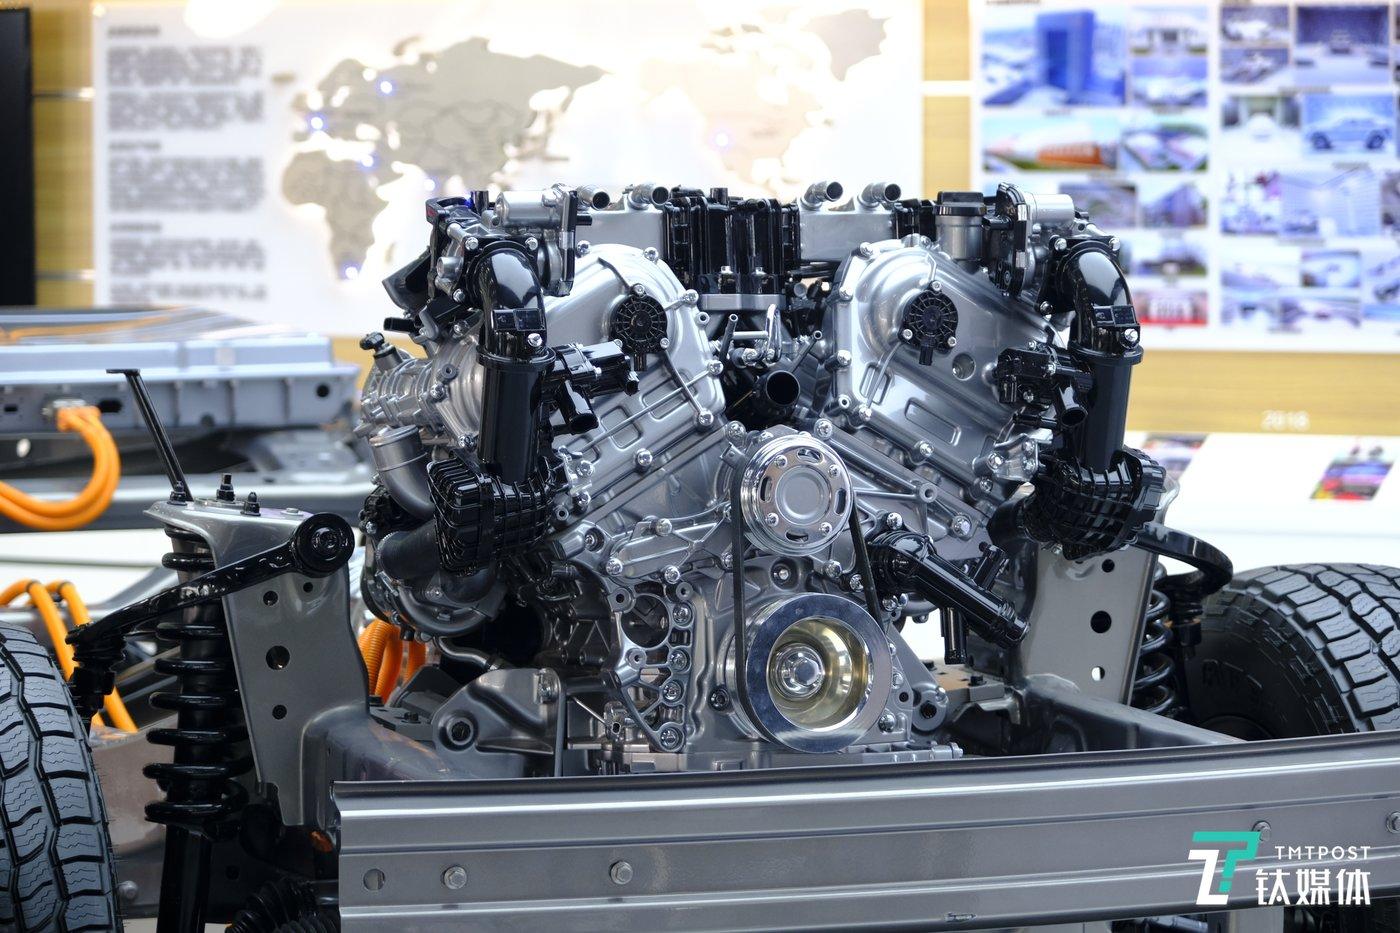 长城汽车6Z30 3.0T发动机